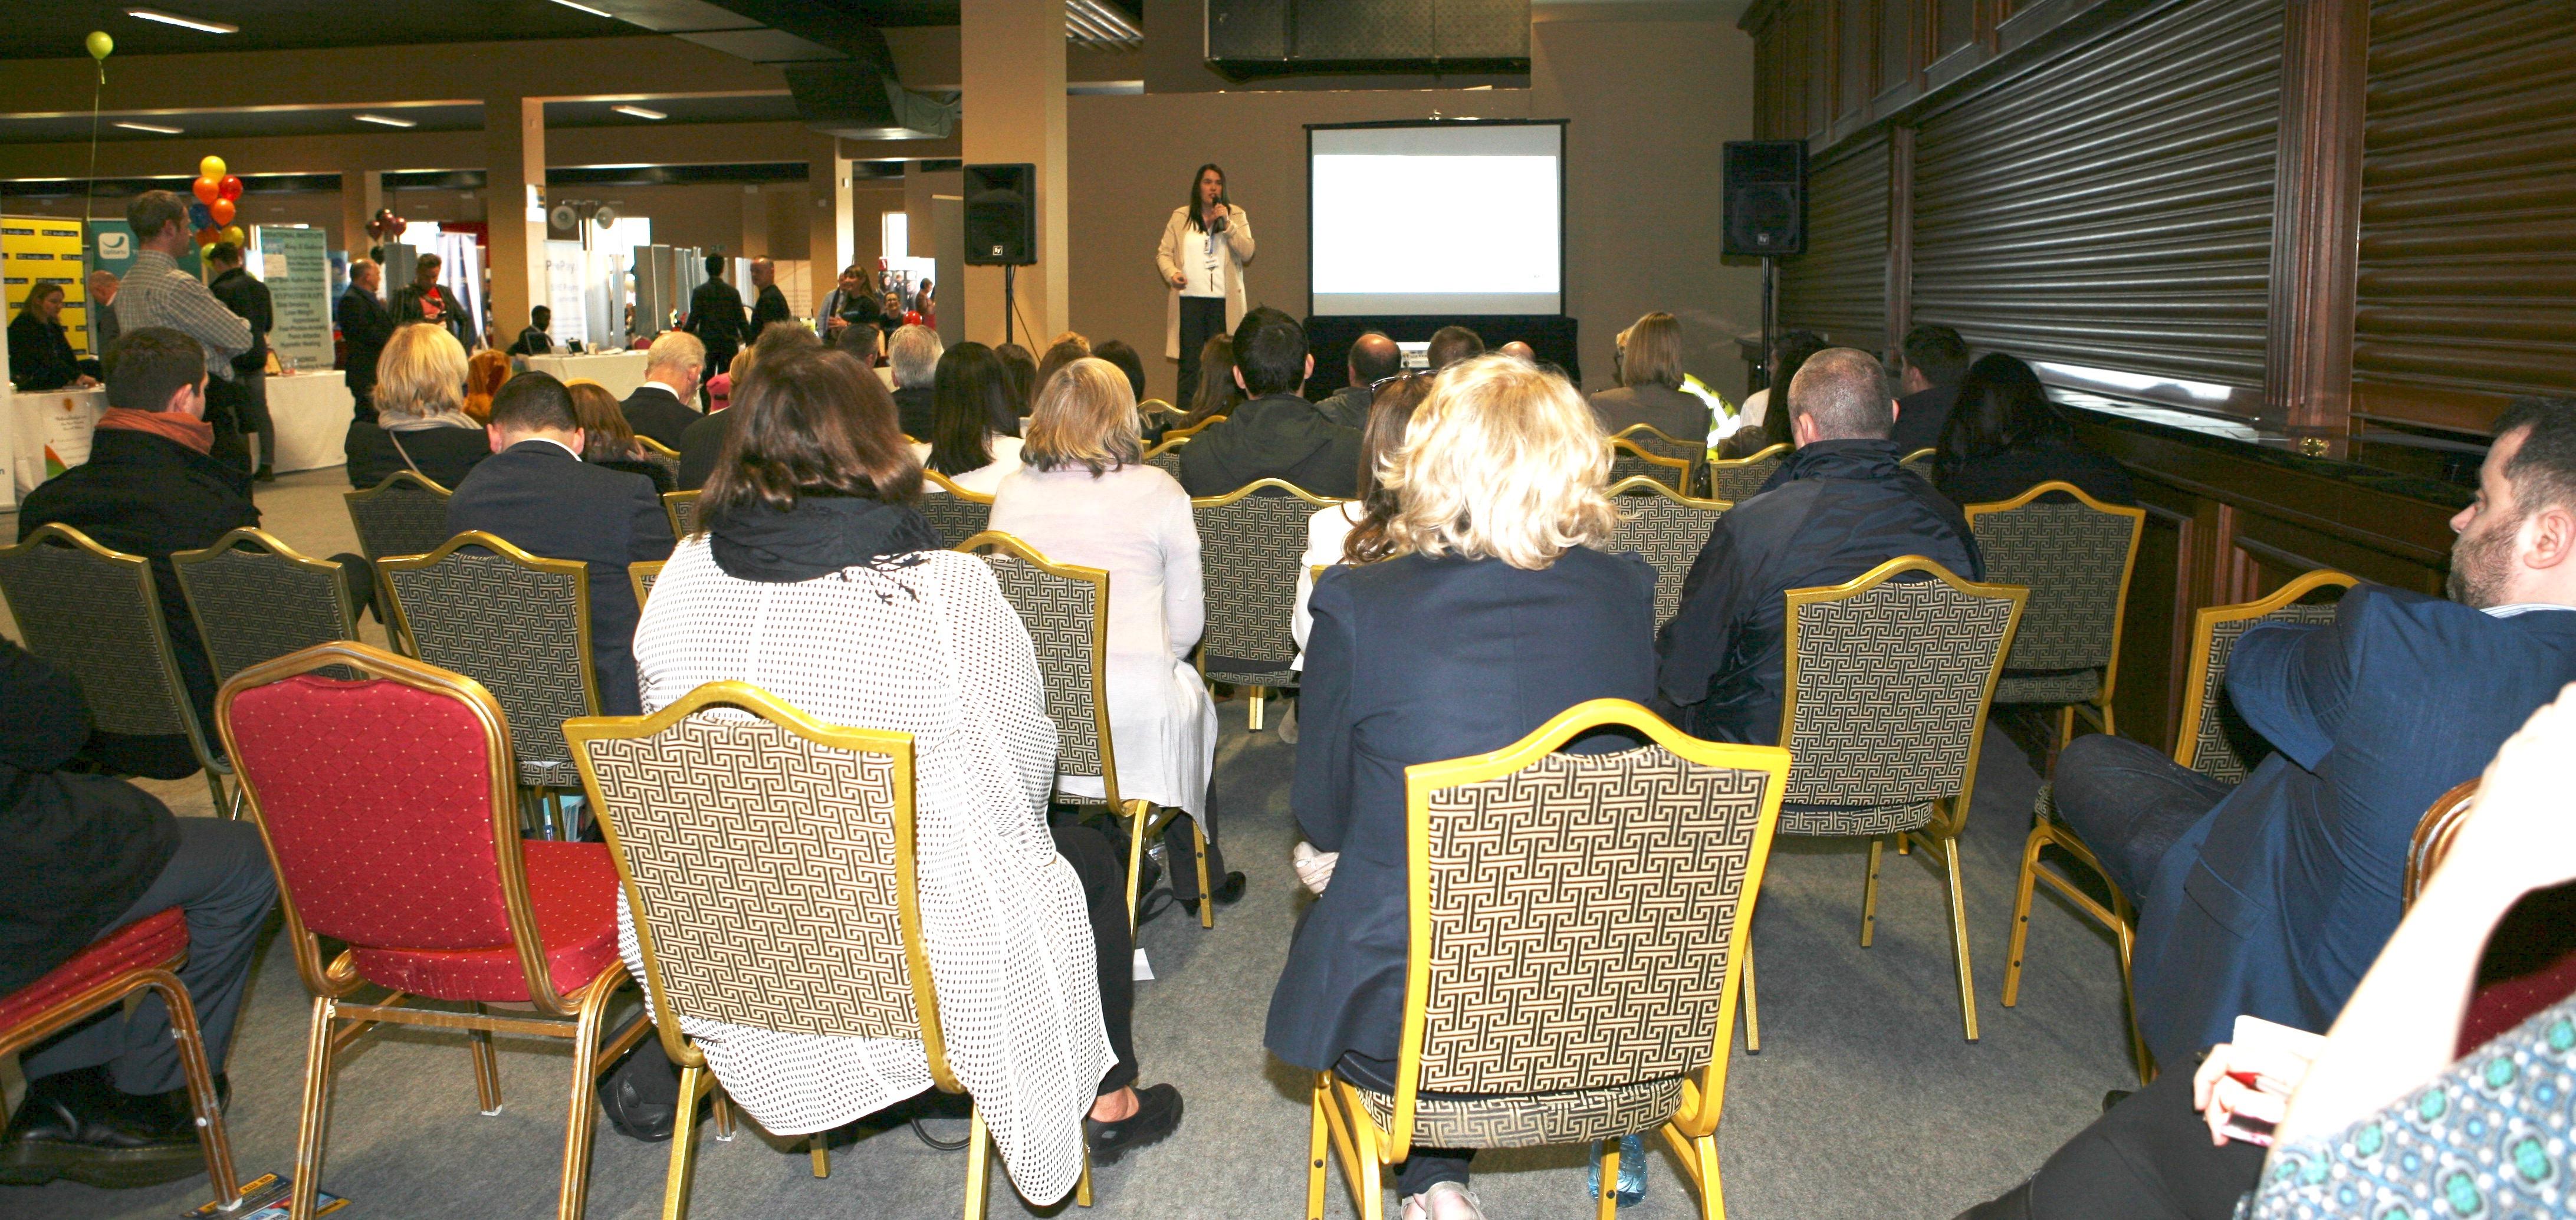 Speaking at BizExpo